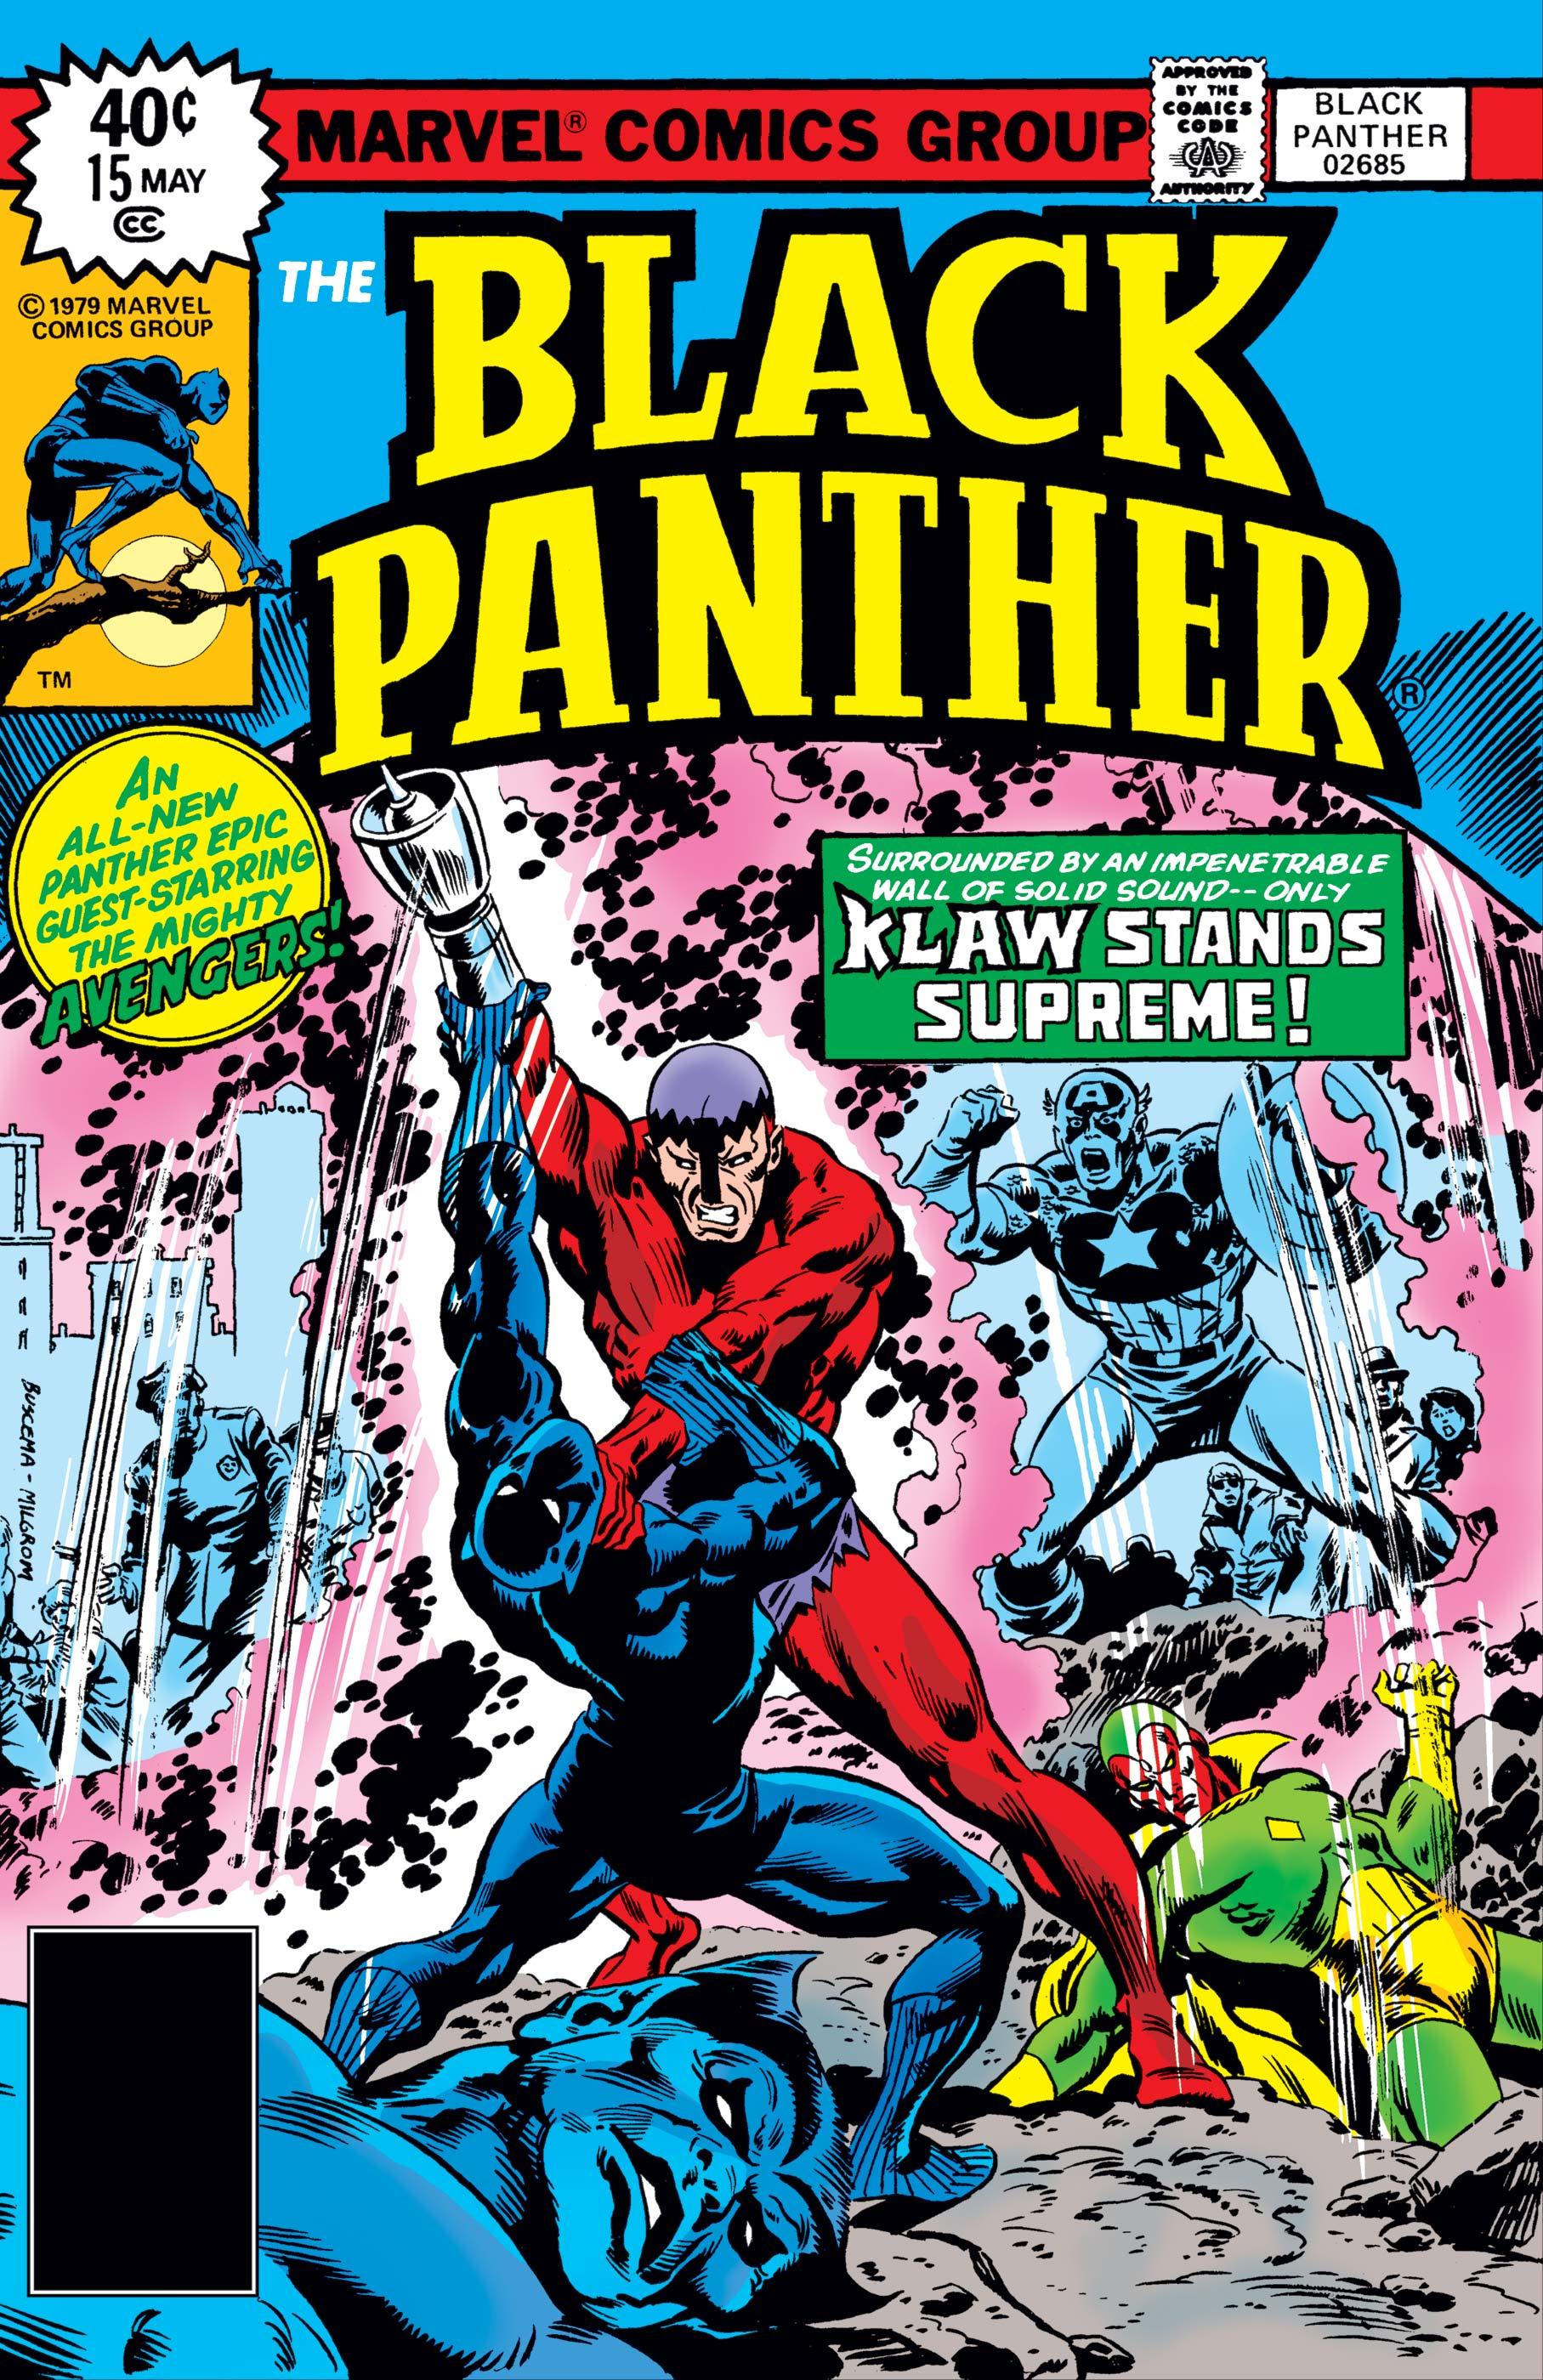 Black Panther (1977) #15